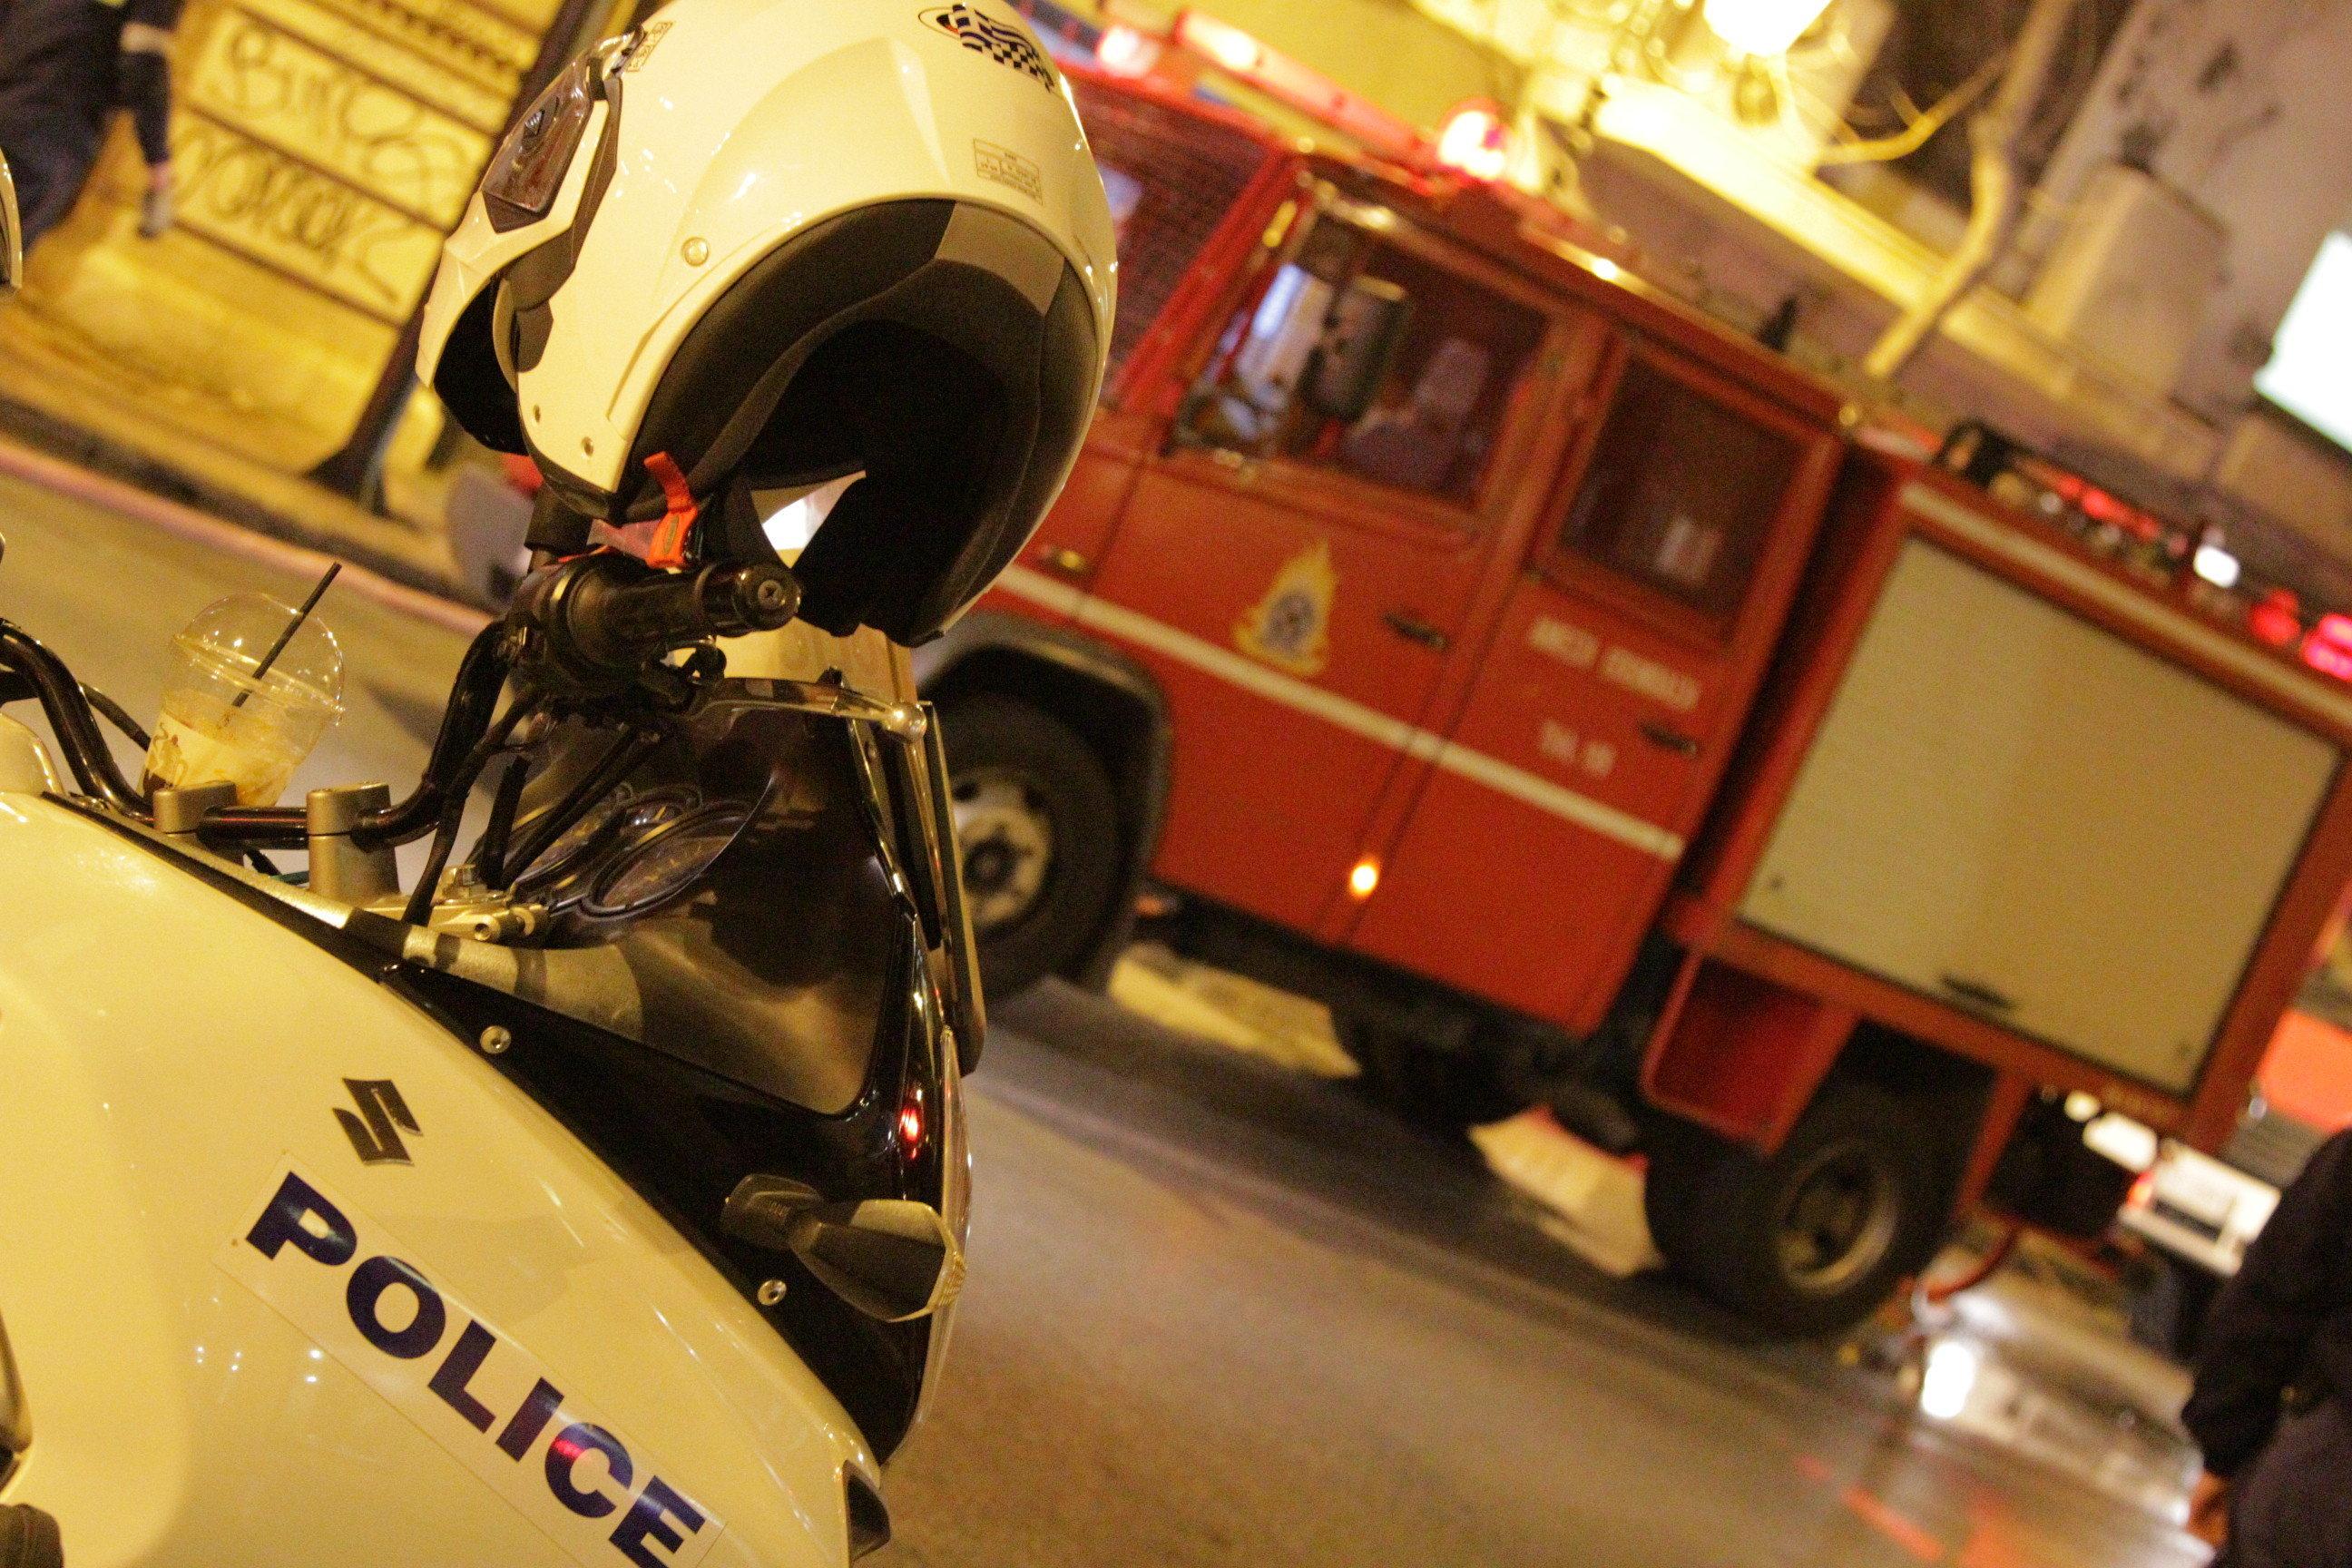 Σαλαμίνα: Νεκρή 57χρονη από έκρηξη και πυρκαγιά σε διώροφο